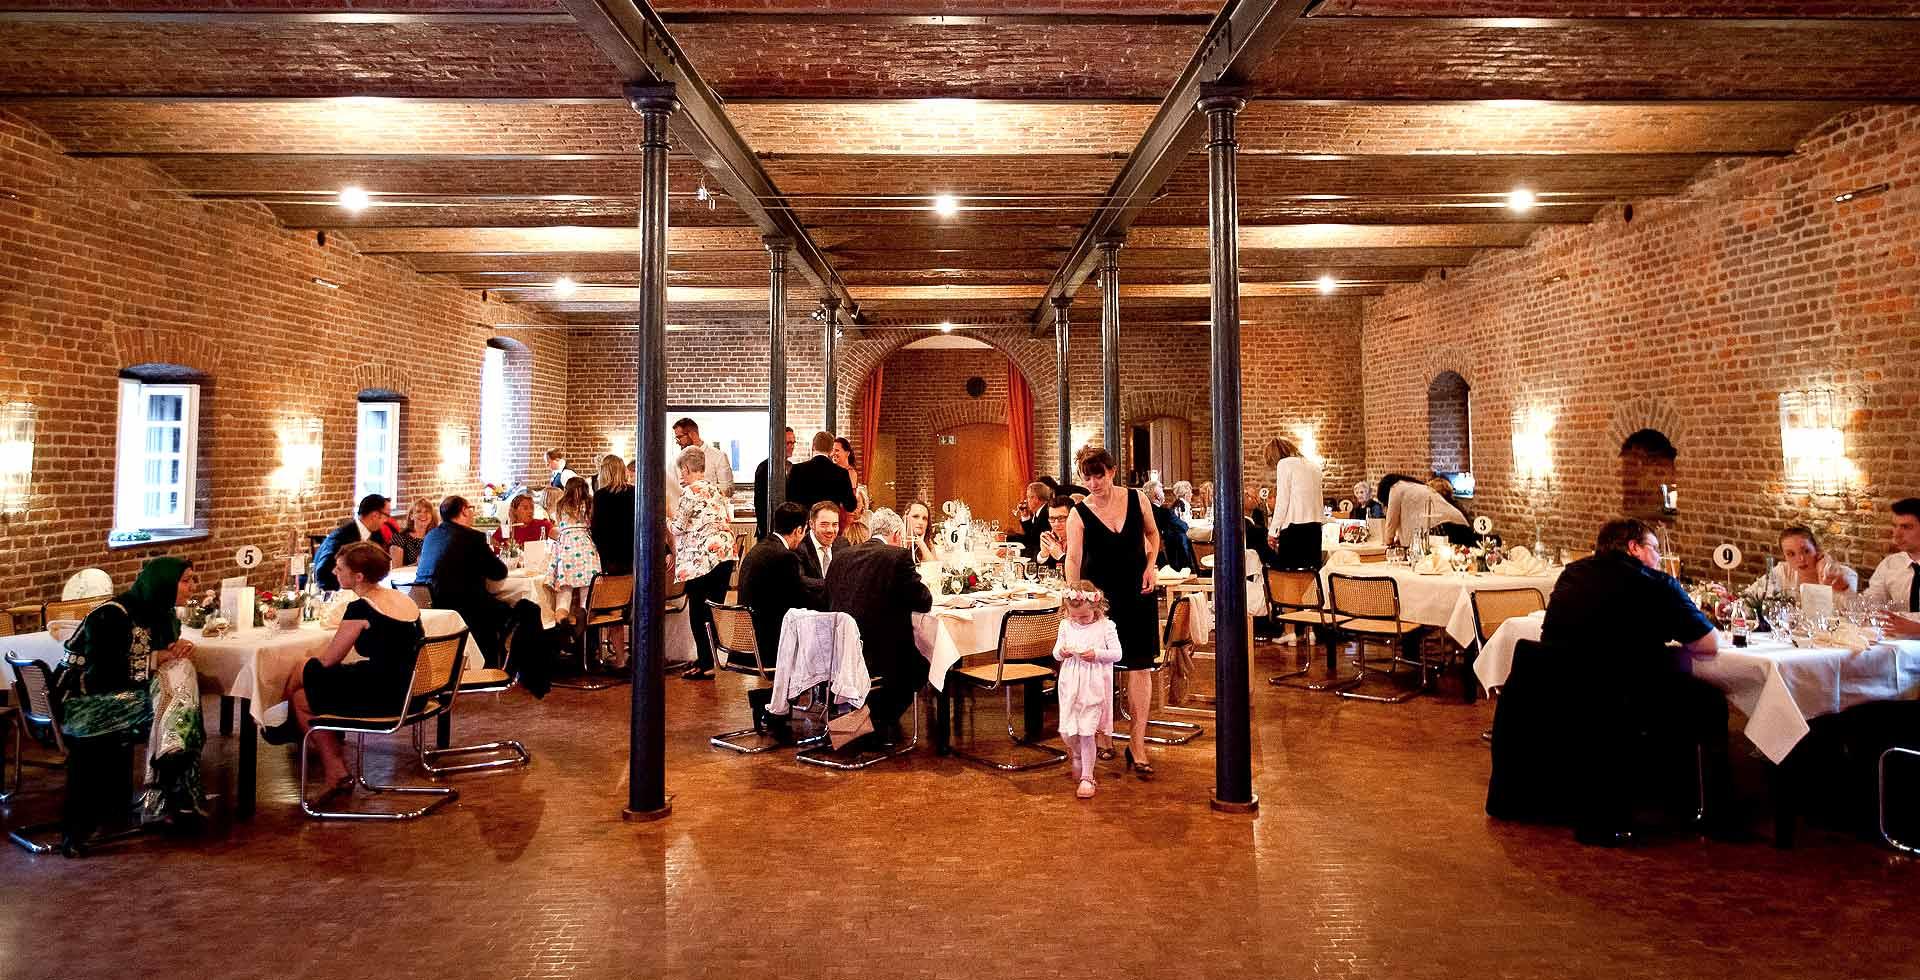 Schloss-Gracht-Feiern-Wp-2